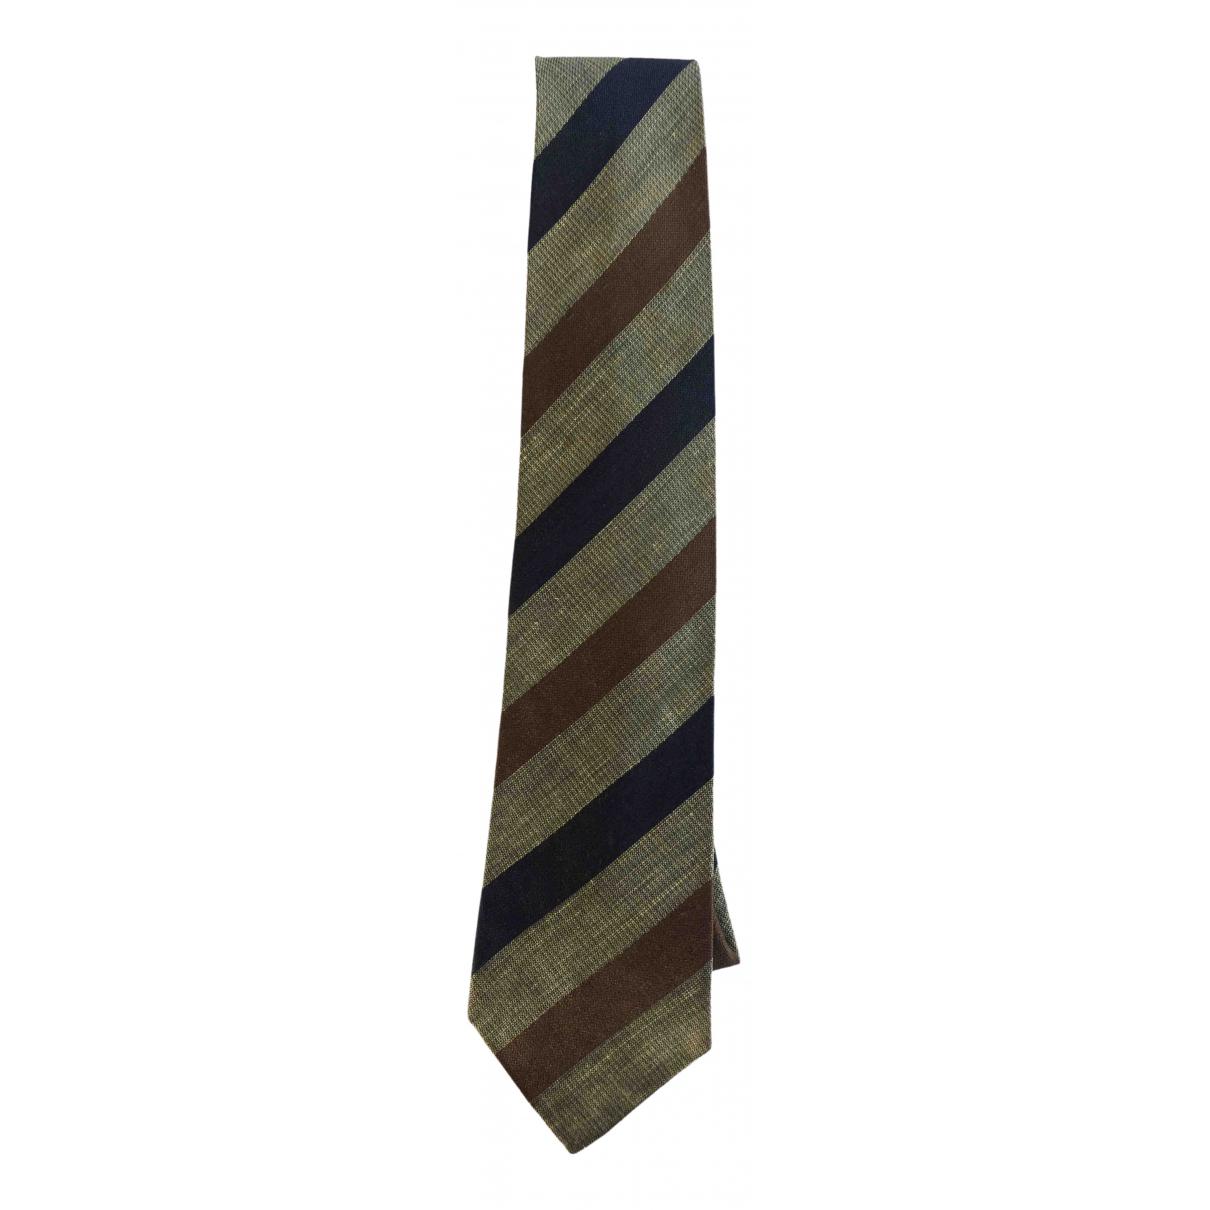 Emanuel Ungaro - Cravates   pour homme en coton - camel